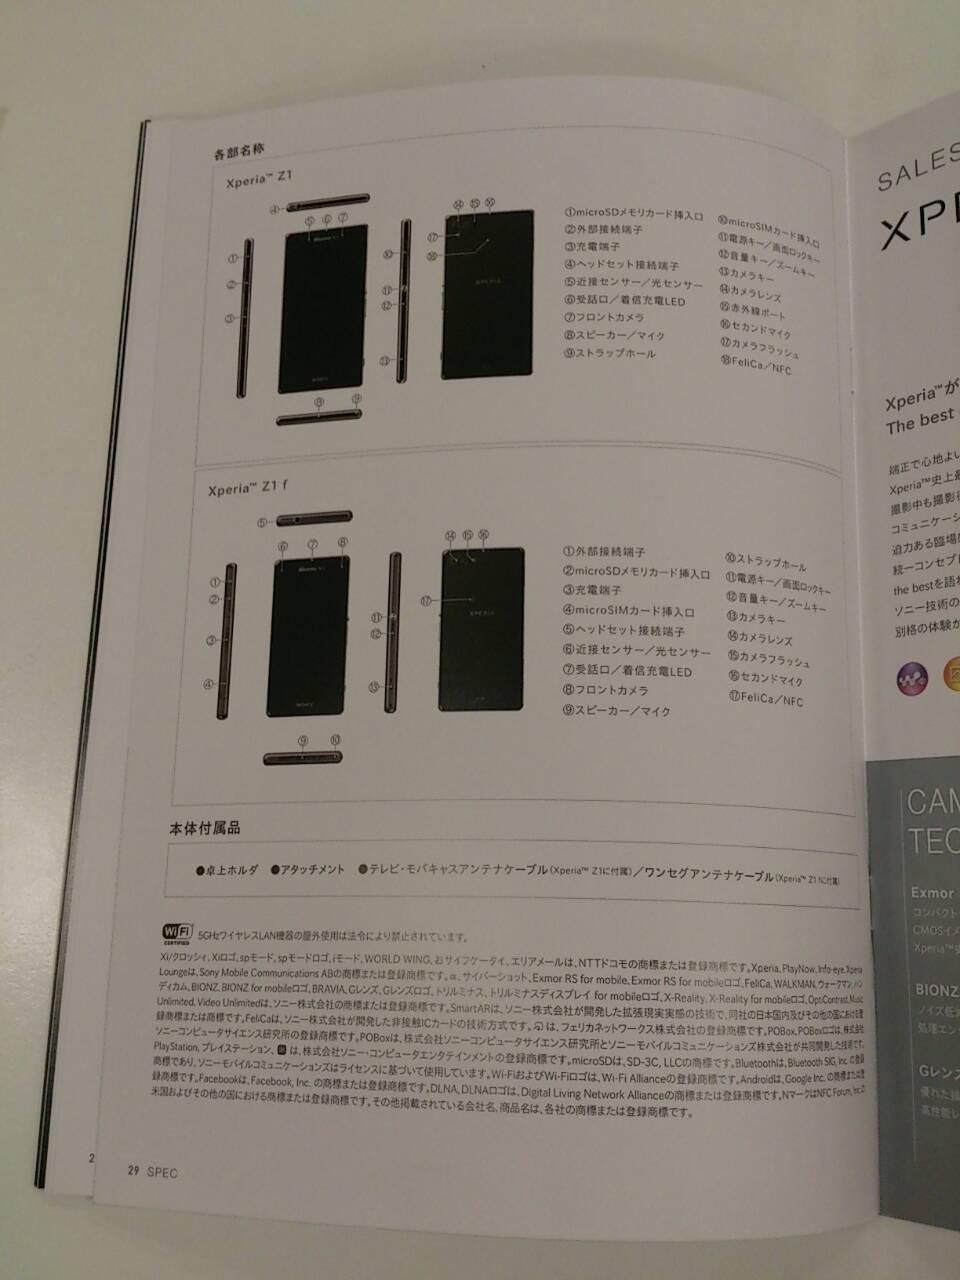 El Sony Xperia Z1 f (Xperia Z1 mini) brochure filtración especificaciones